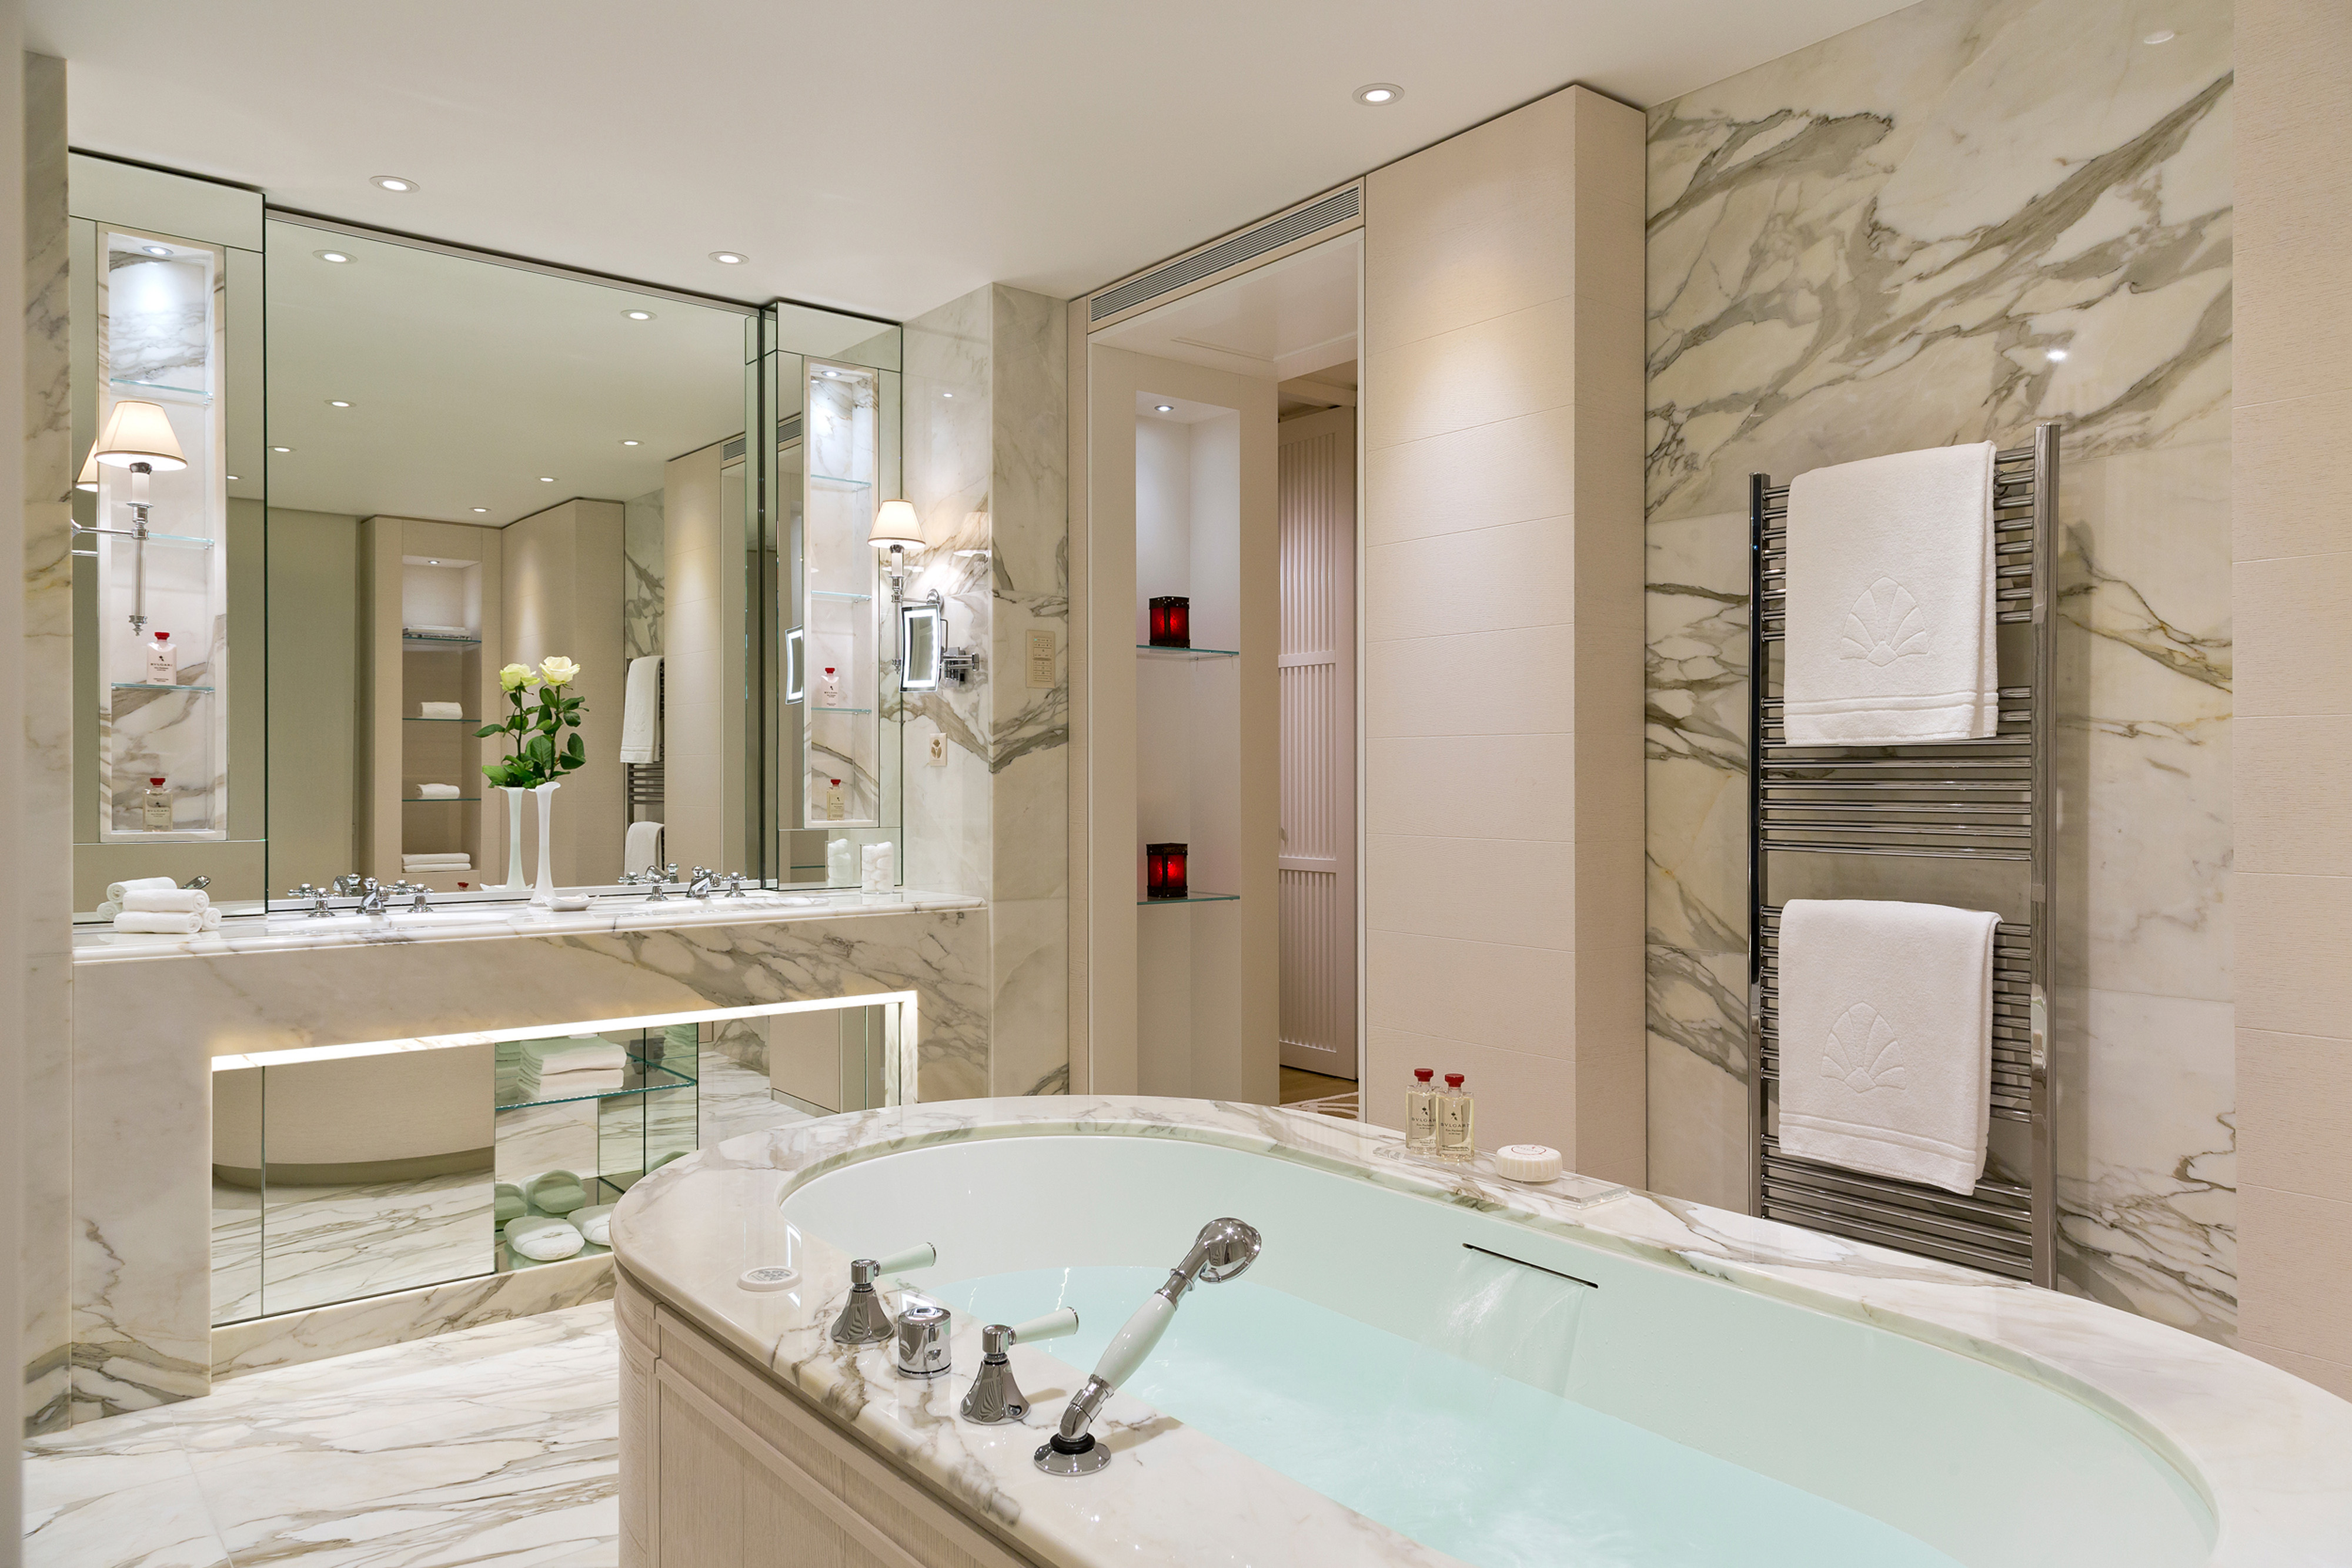 Chauffage sèche-serviettes DB Distribution à l'hôtel Beau Rivage à Lausanne